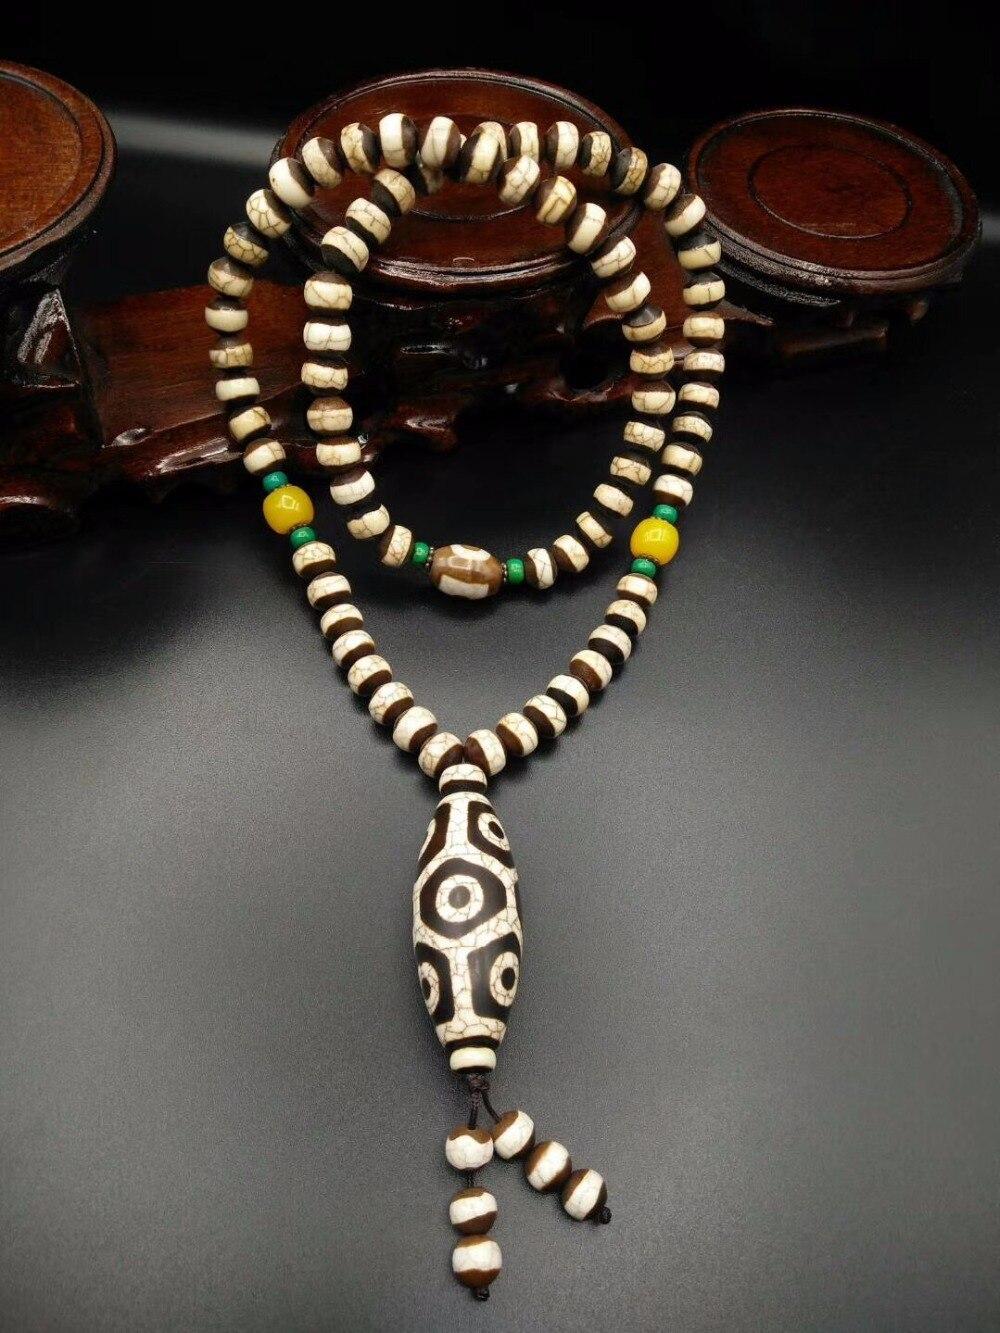 Rare Vecchio Tibet Naturale Agata Bianca Drago Vena Dzi Tallone amuleto Tartaruga Indietro 9 Occhi Pendente Della Collana Amulet Voce Grande qualità